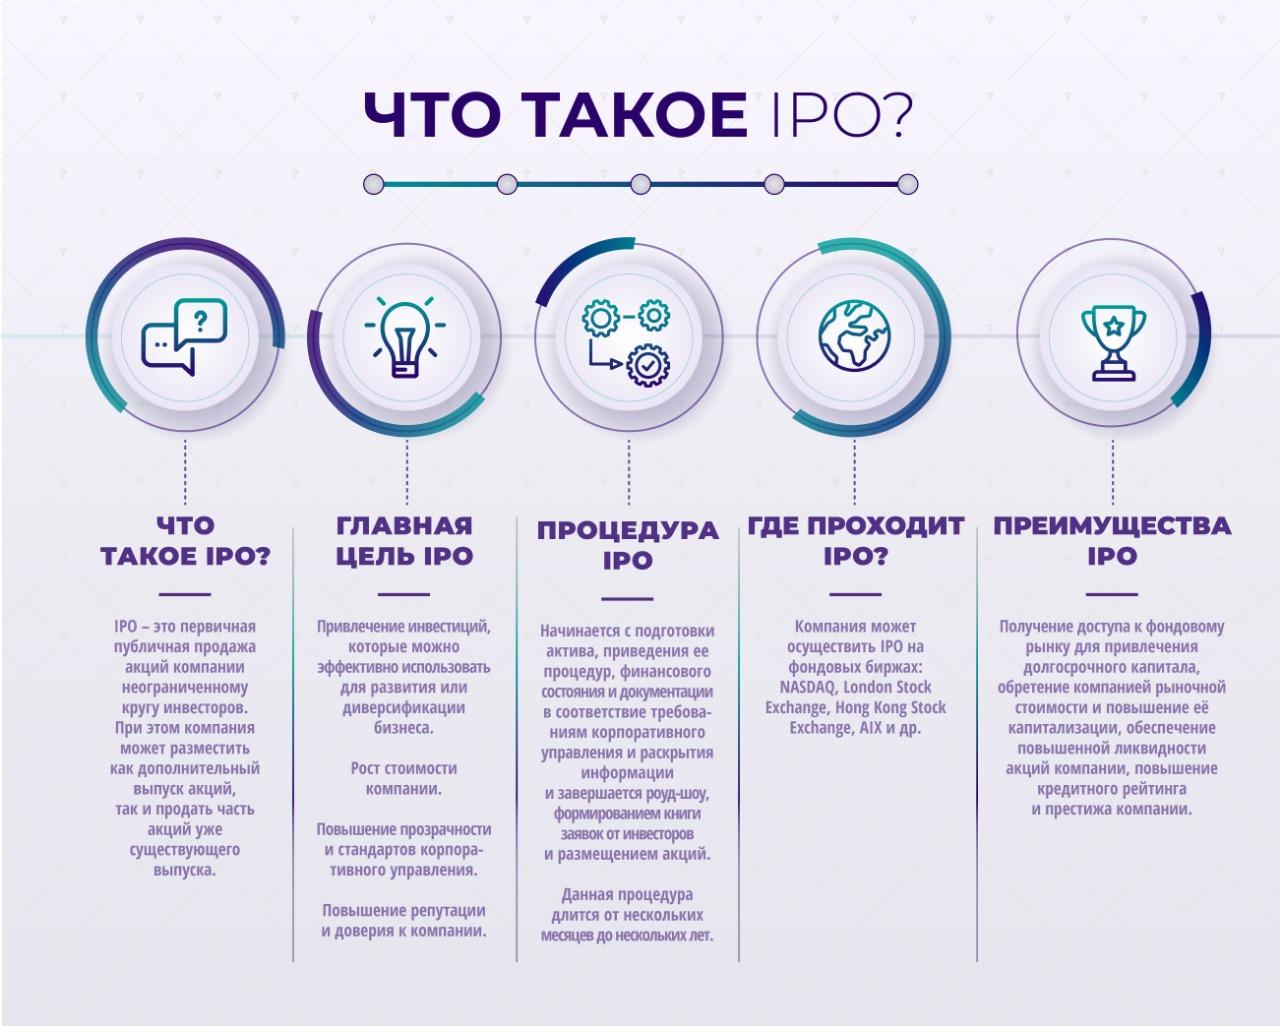 Первичное размещение на бирже (ipo). примеры и суть ipo